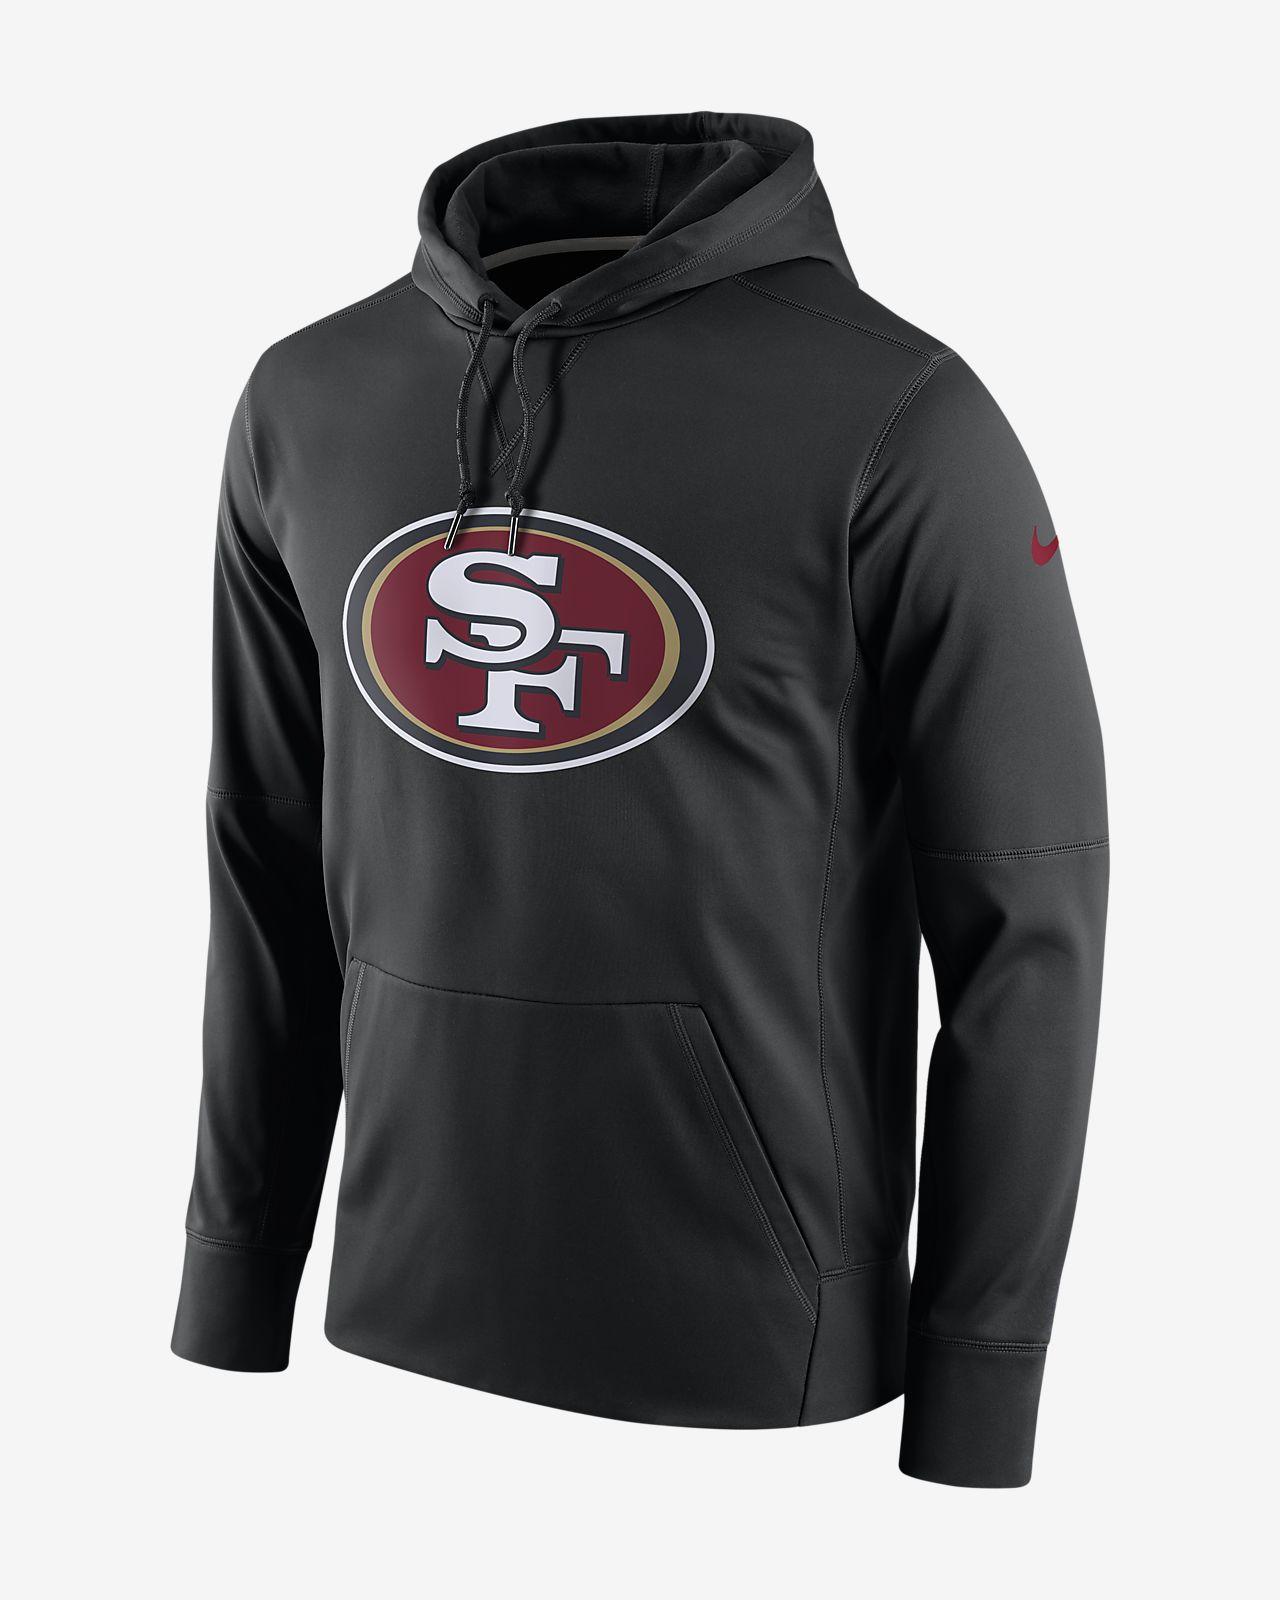 Ανδρική μπλούζα με κουκούλα Nike Circuit Logo Essential (NFL 49ers)